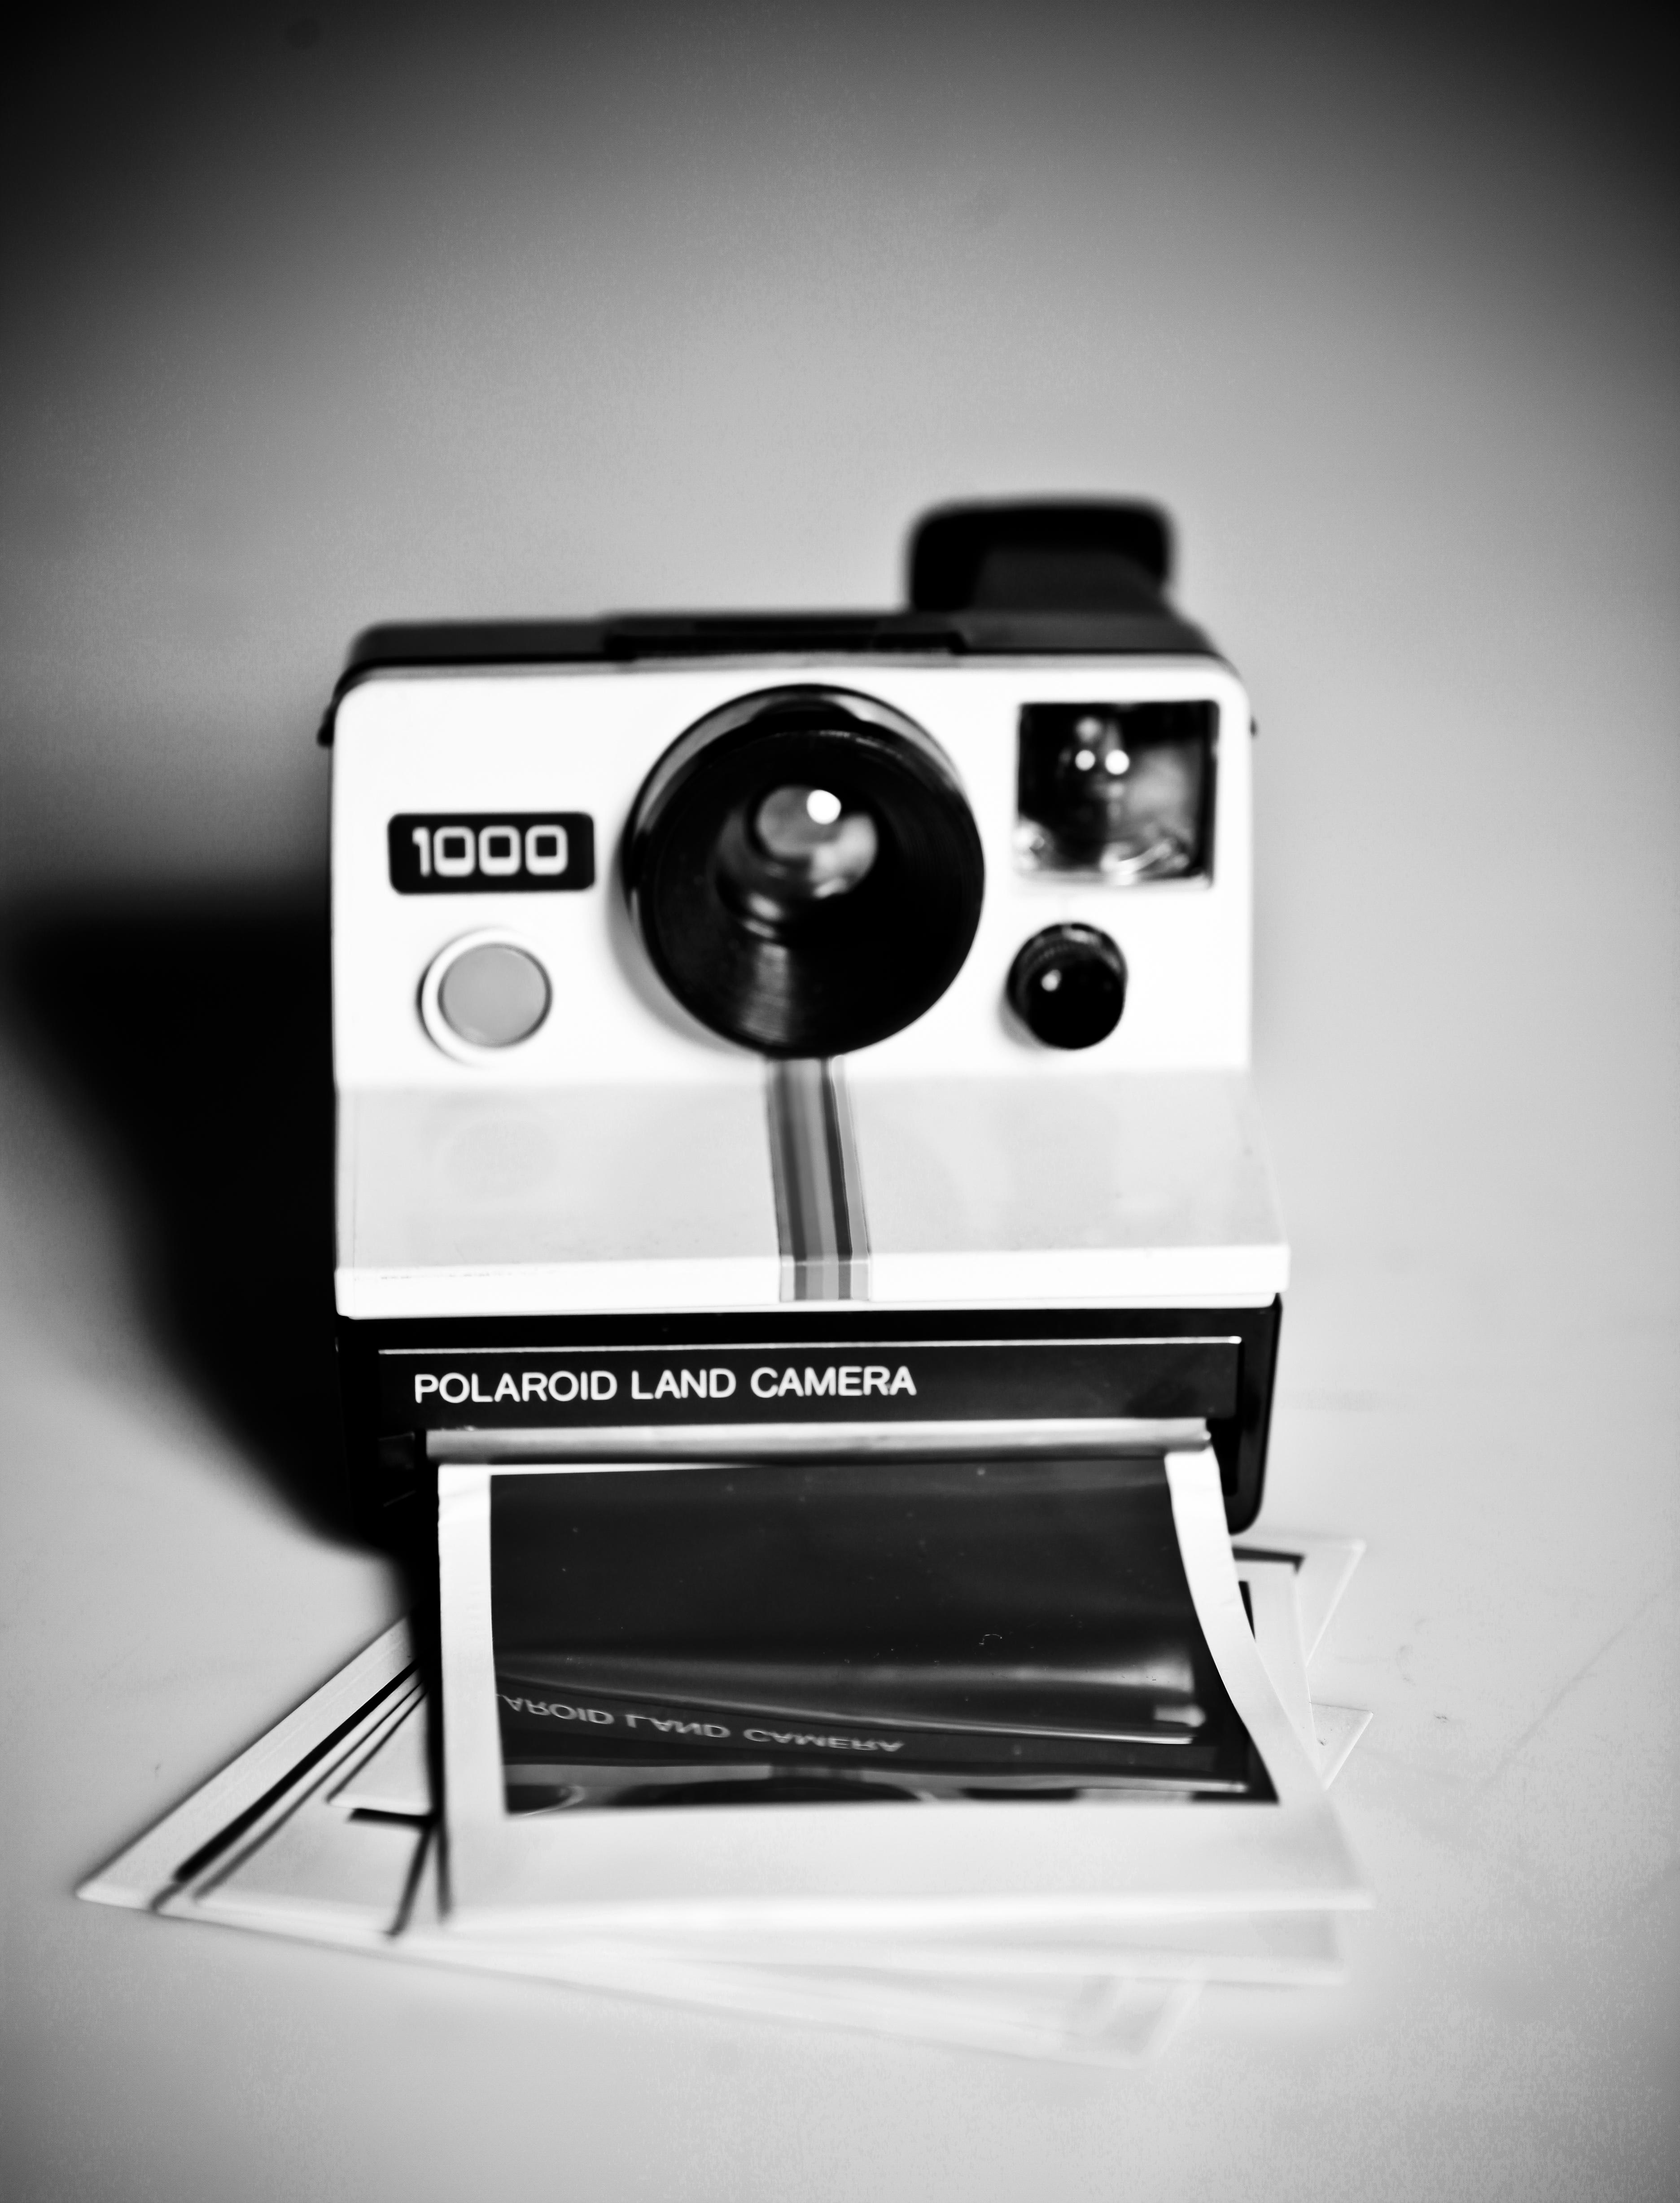 b2c6ed97a Polaroid Land Camera 1000. Câmeras instantâneas imprimem imediatamente as  imagens fotografadas.